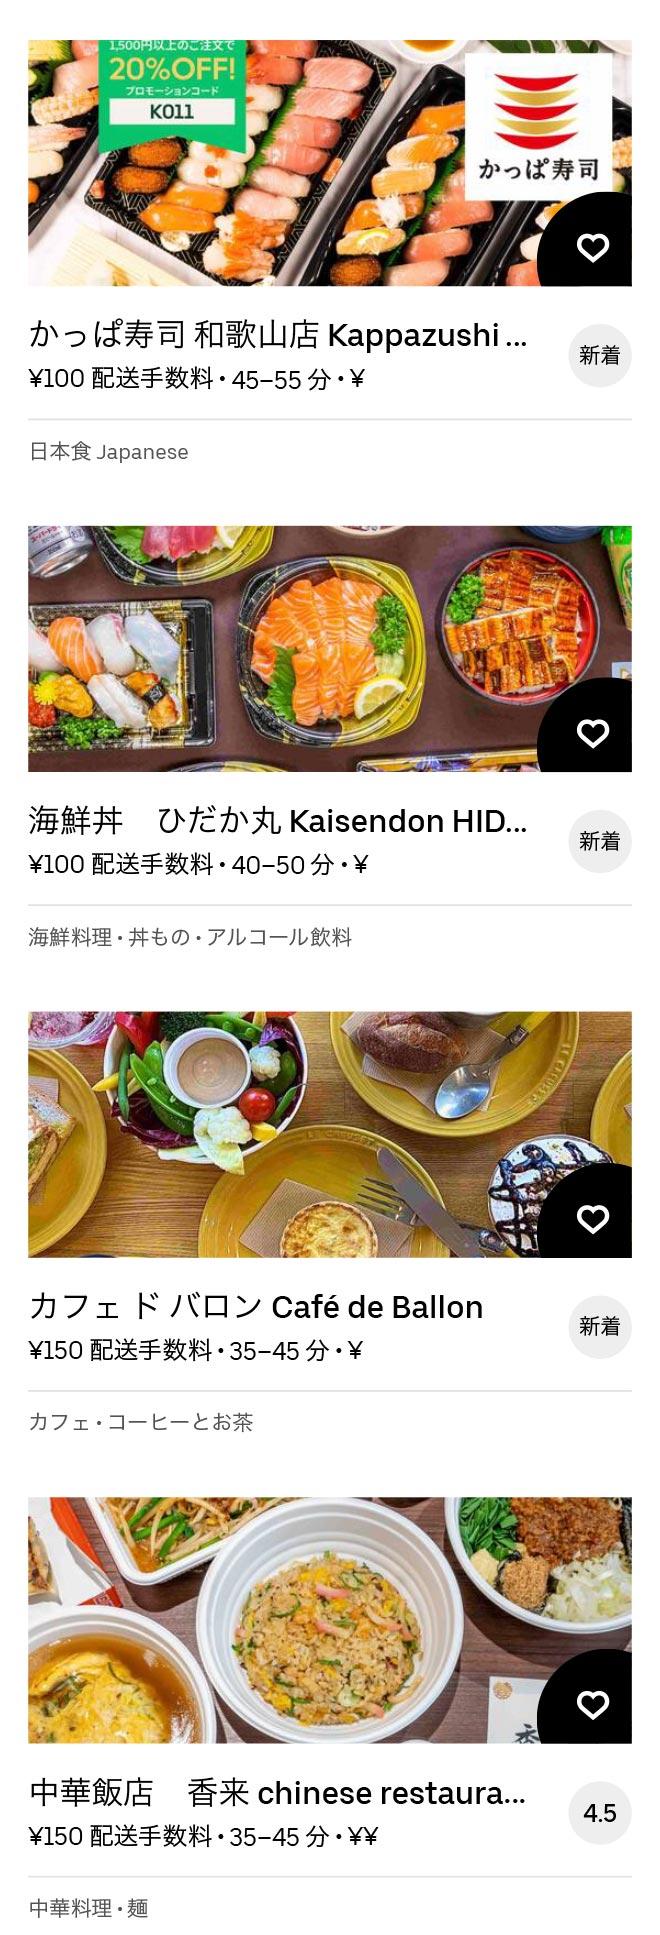 W miyamae menu 2011 3